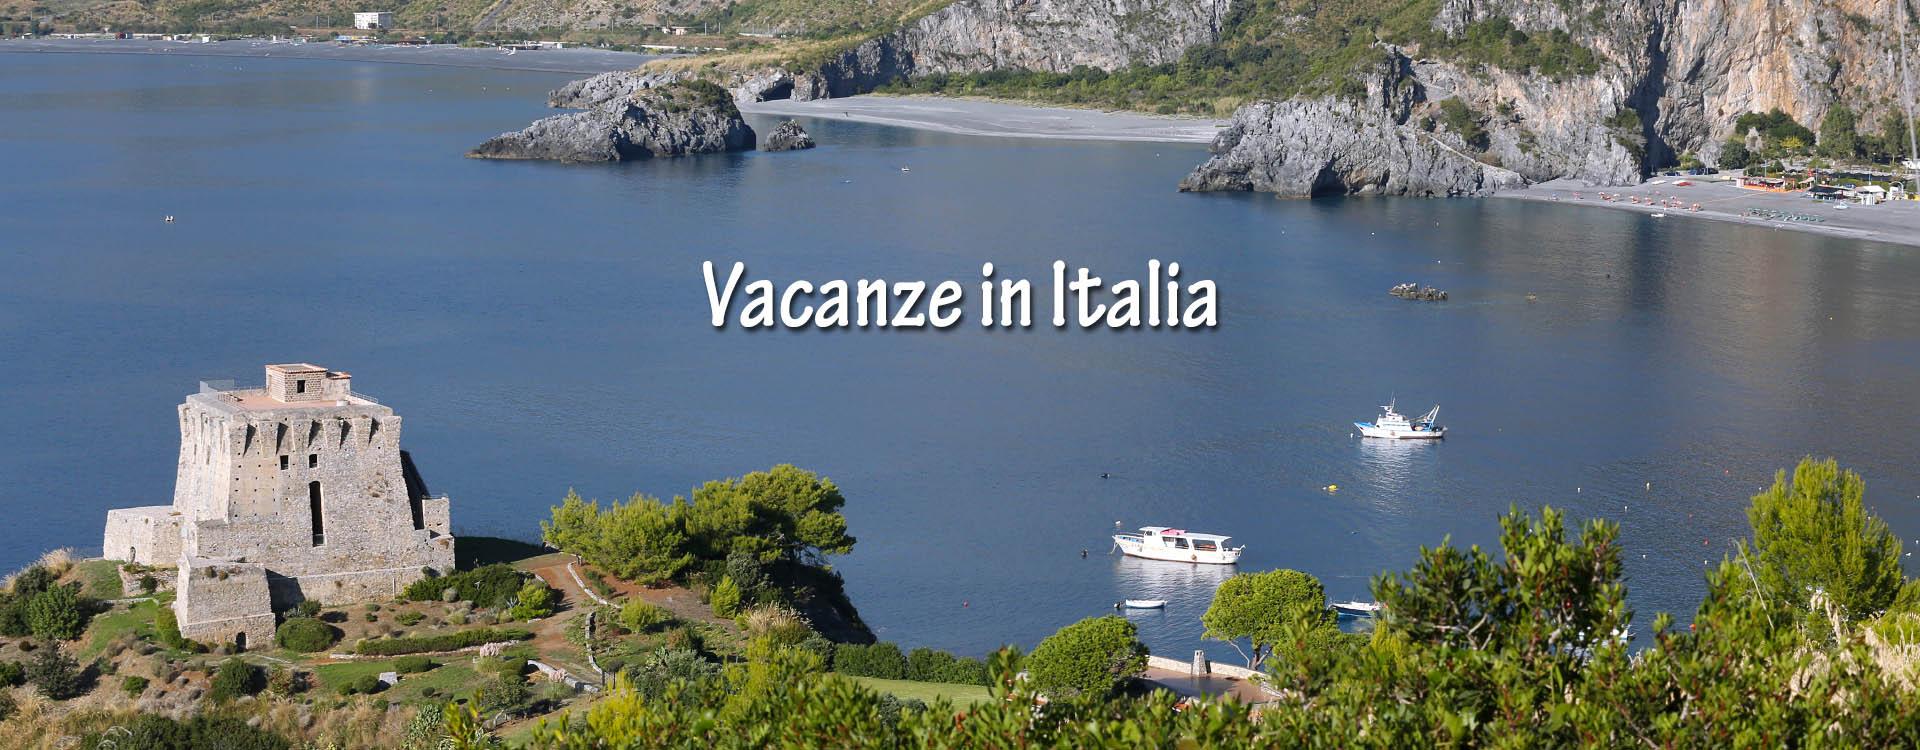 Offerte Vacanze in Italia - Calabria, San Nicola Arcella, torre del Saracino sul mar Tirreno